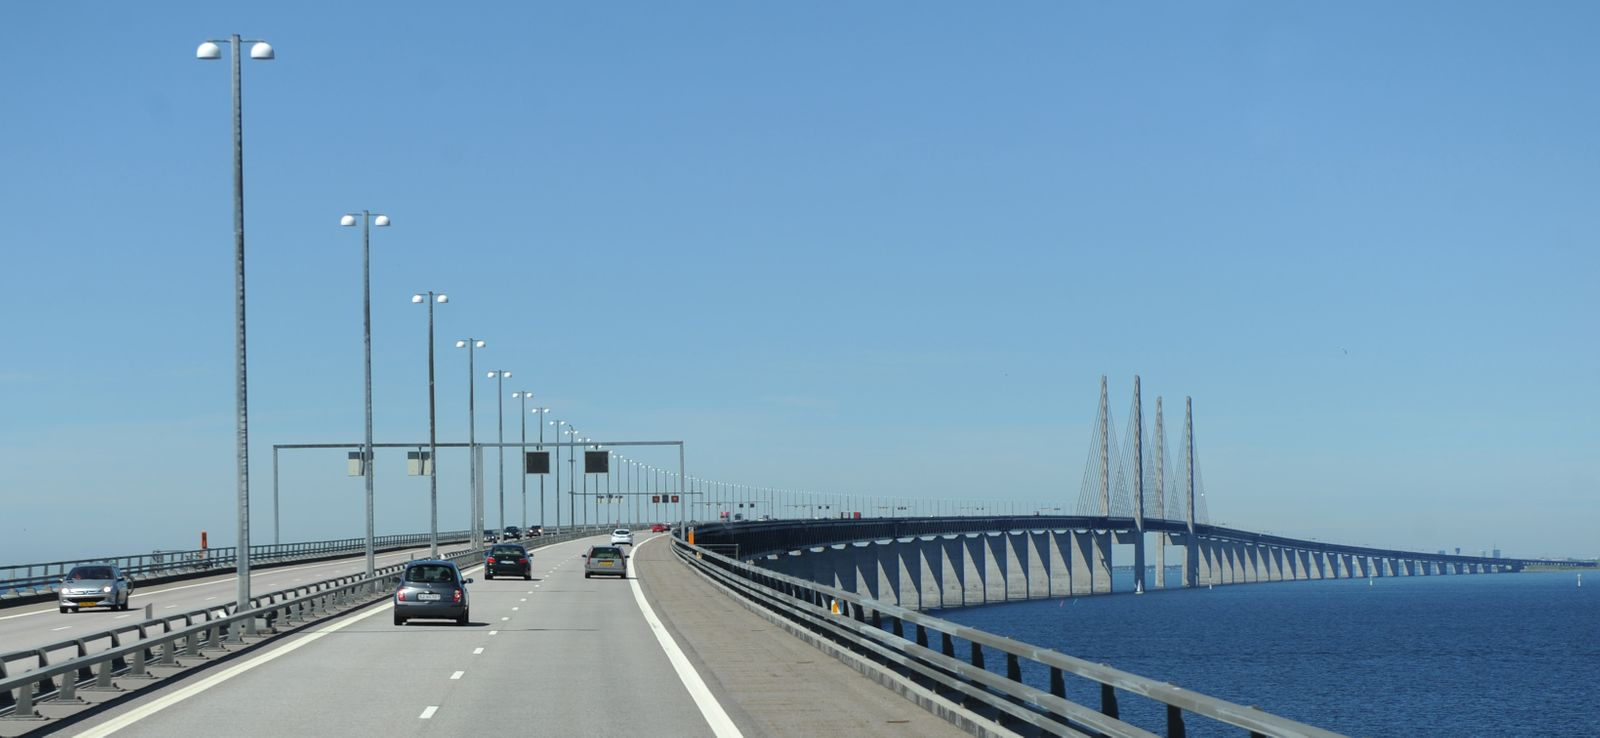 Dänemark öffnet sich für Schweden